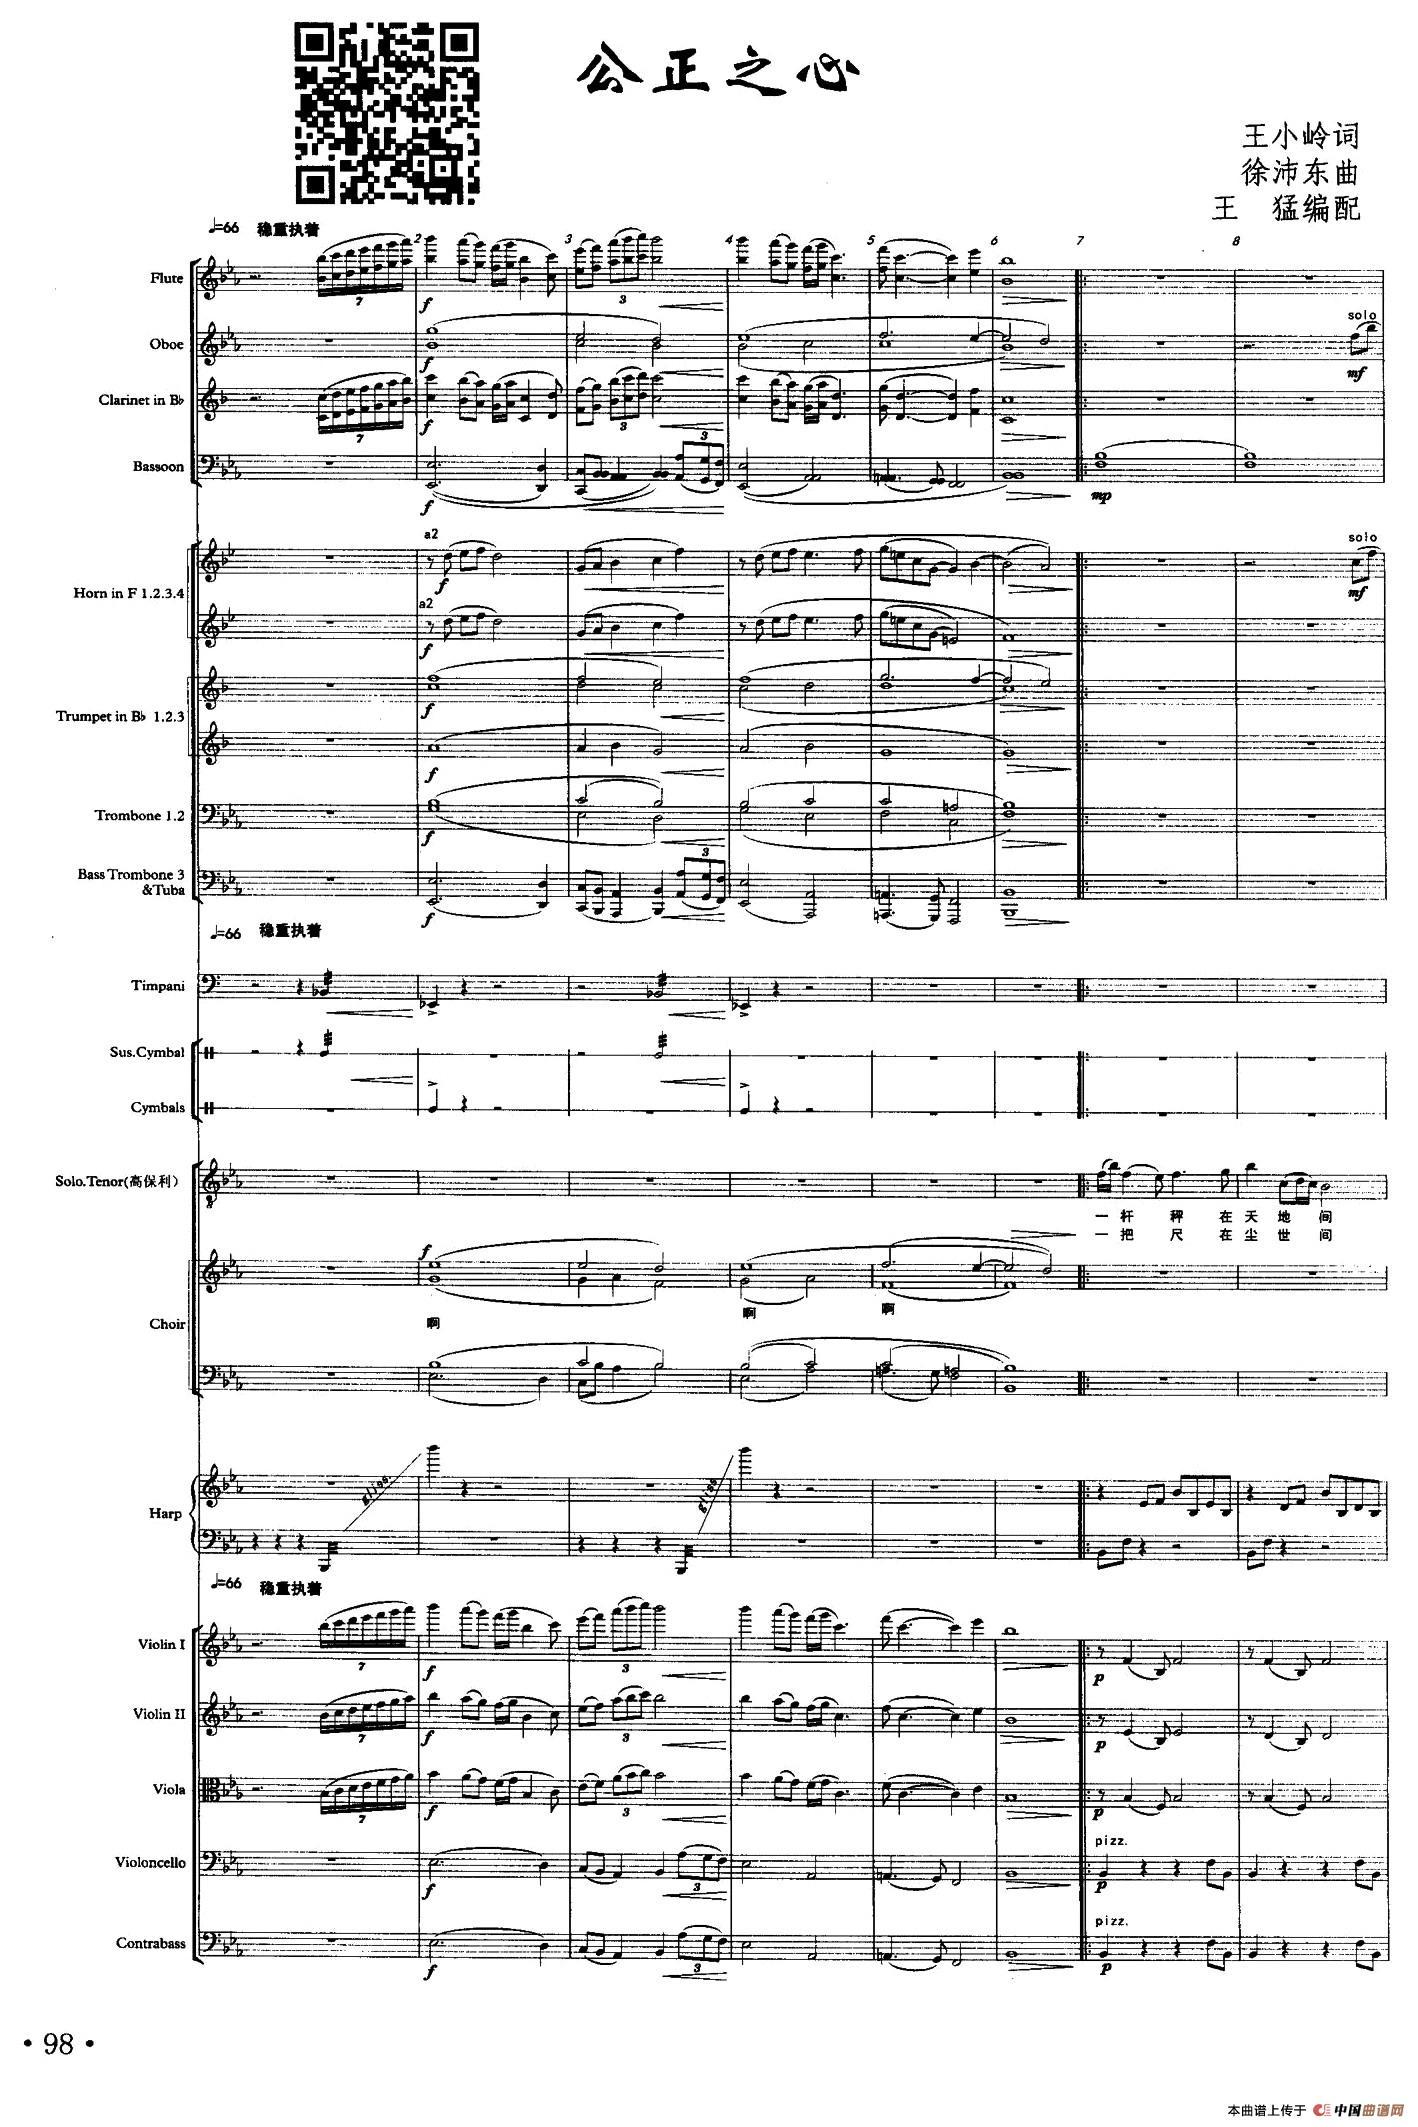 曲谱 公正之心 声乐及伴奏总谱 -公正之心 声乐及伴奏总谱